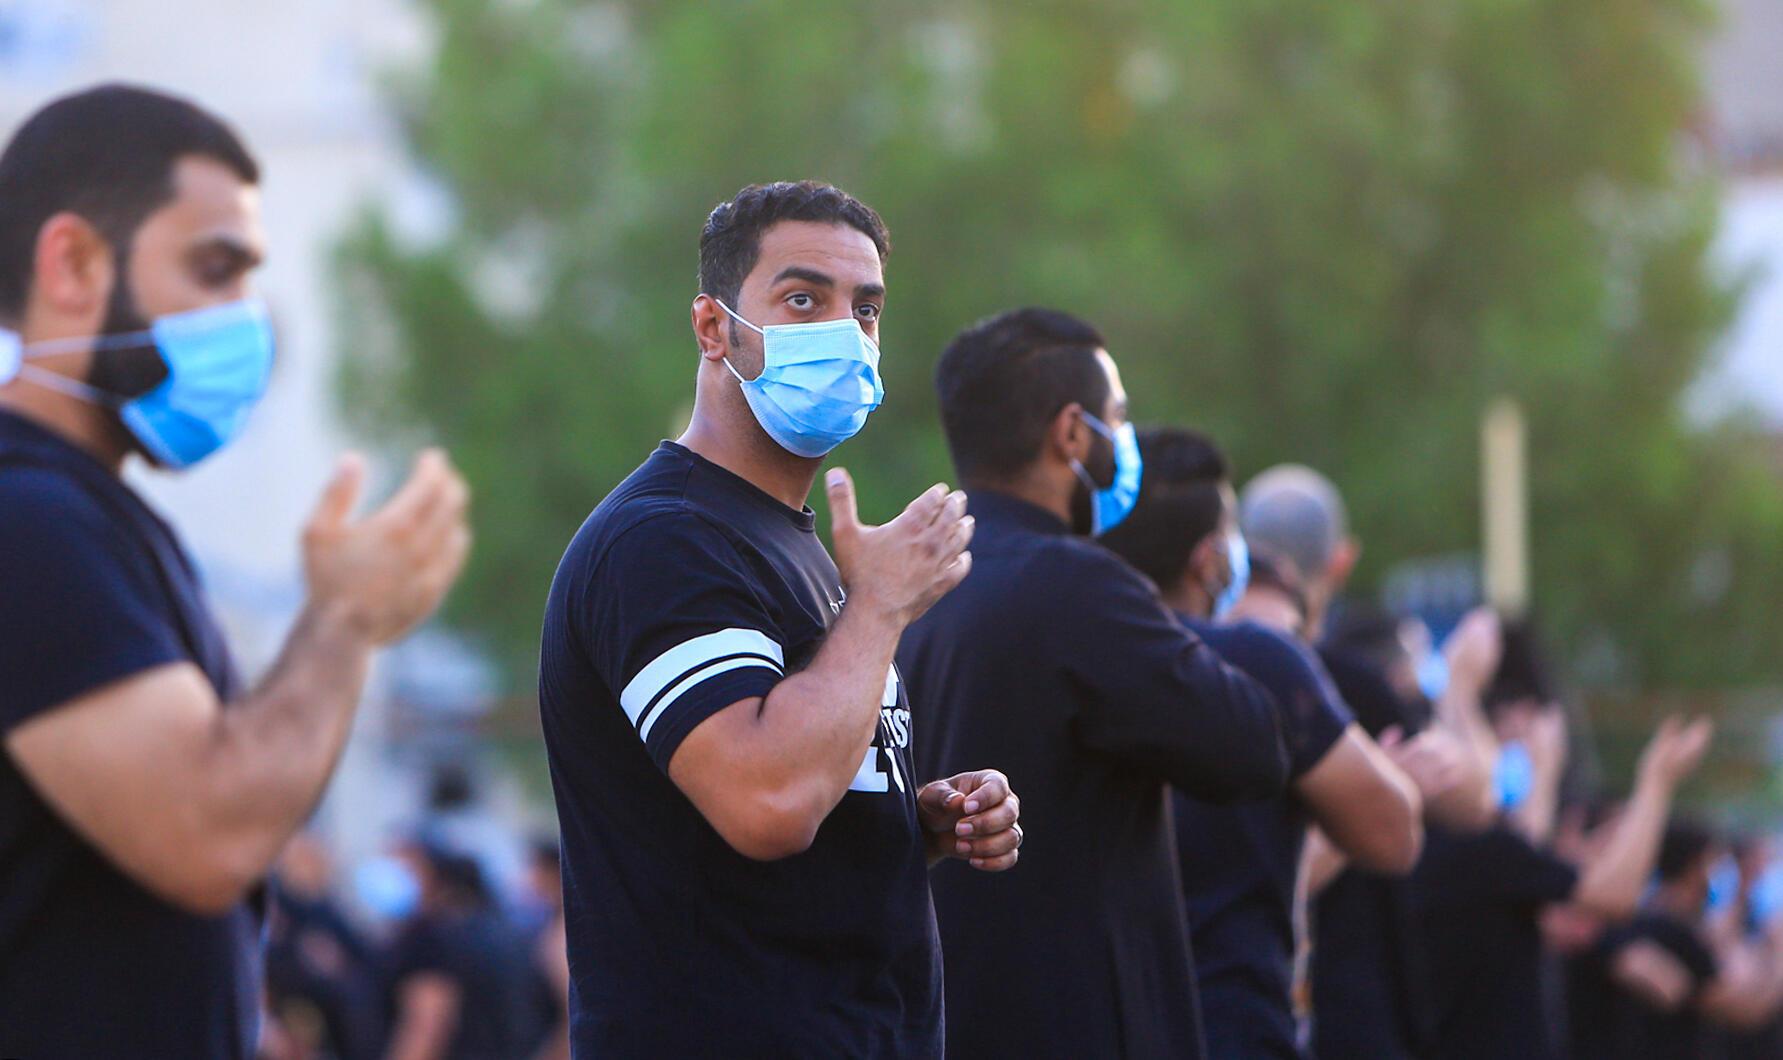 مصلون شيعة سعوديون يحضرون طقوس إحياء ذكرى وفاة حفيد النبي محمد الإمام الحسين في اليوم التاسع من شهر محرم الهجري في مدينة القطيف بالمنطقة الشرقية، على بعد 400 كم من العاصمة الرياض، في 29 أغسطس/ آب 2020.